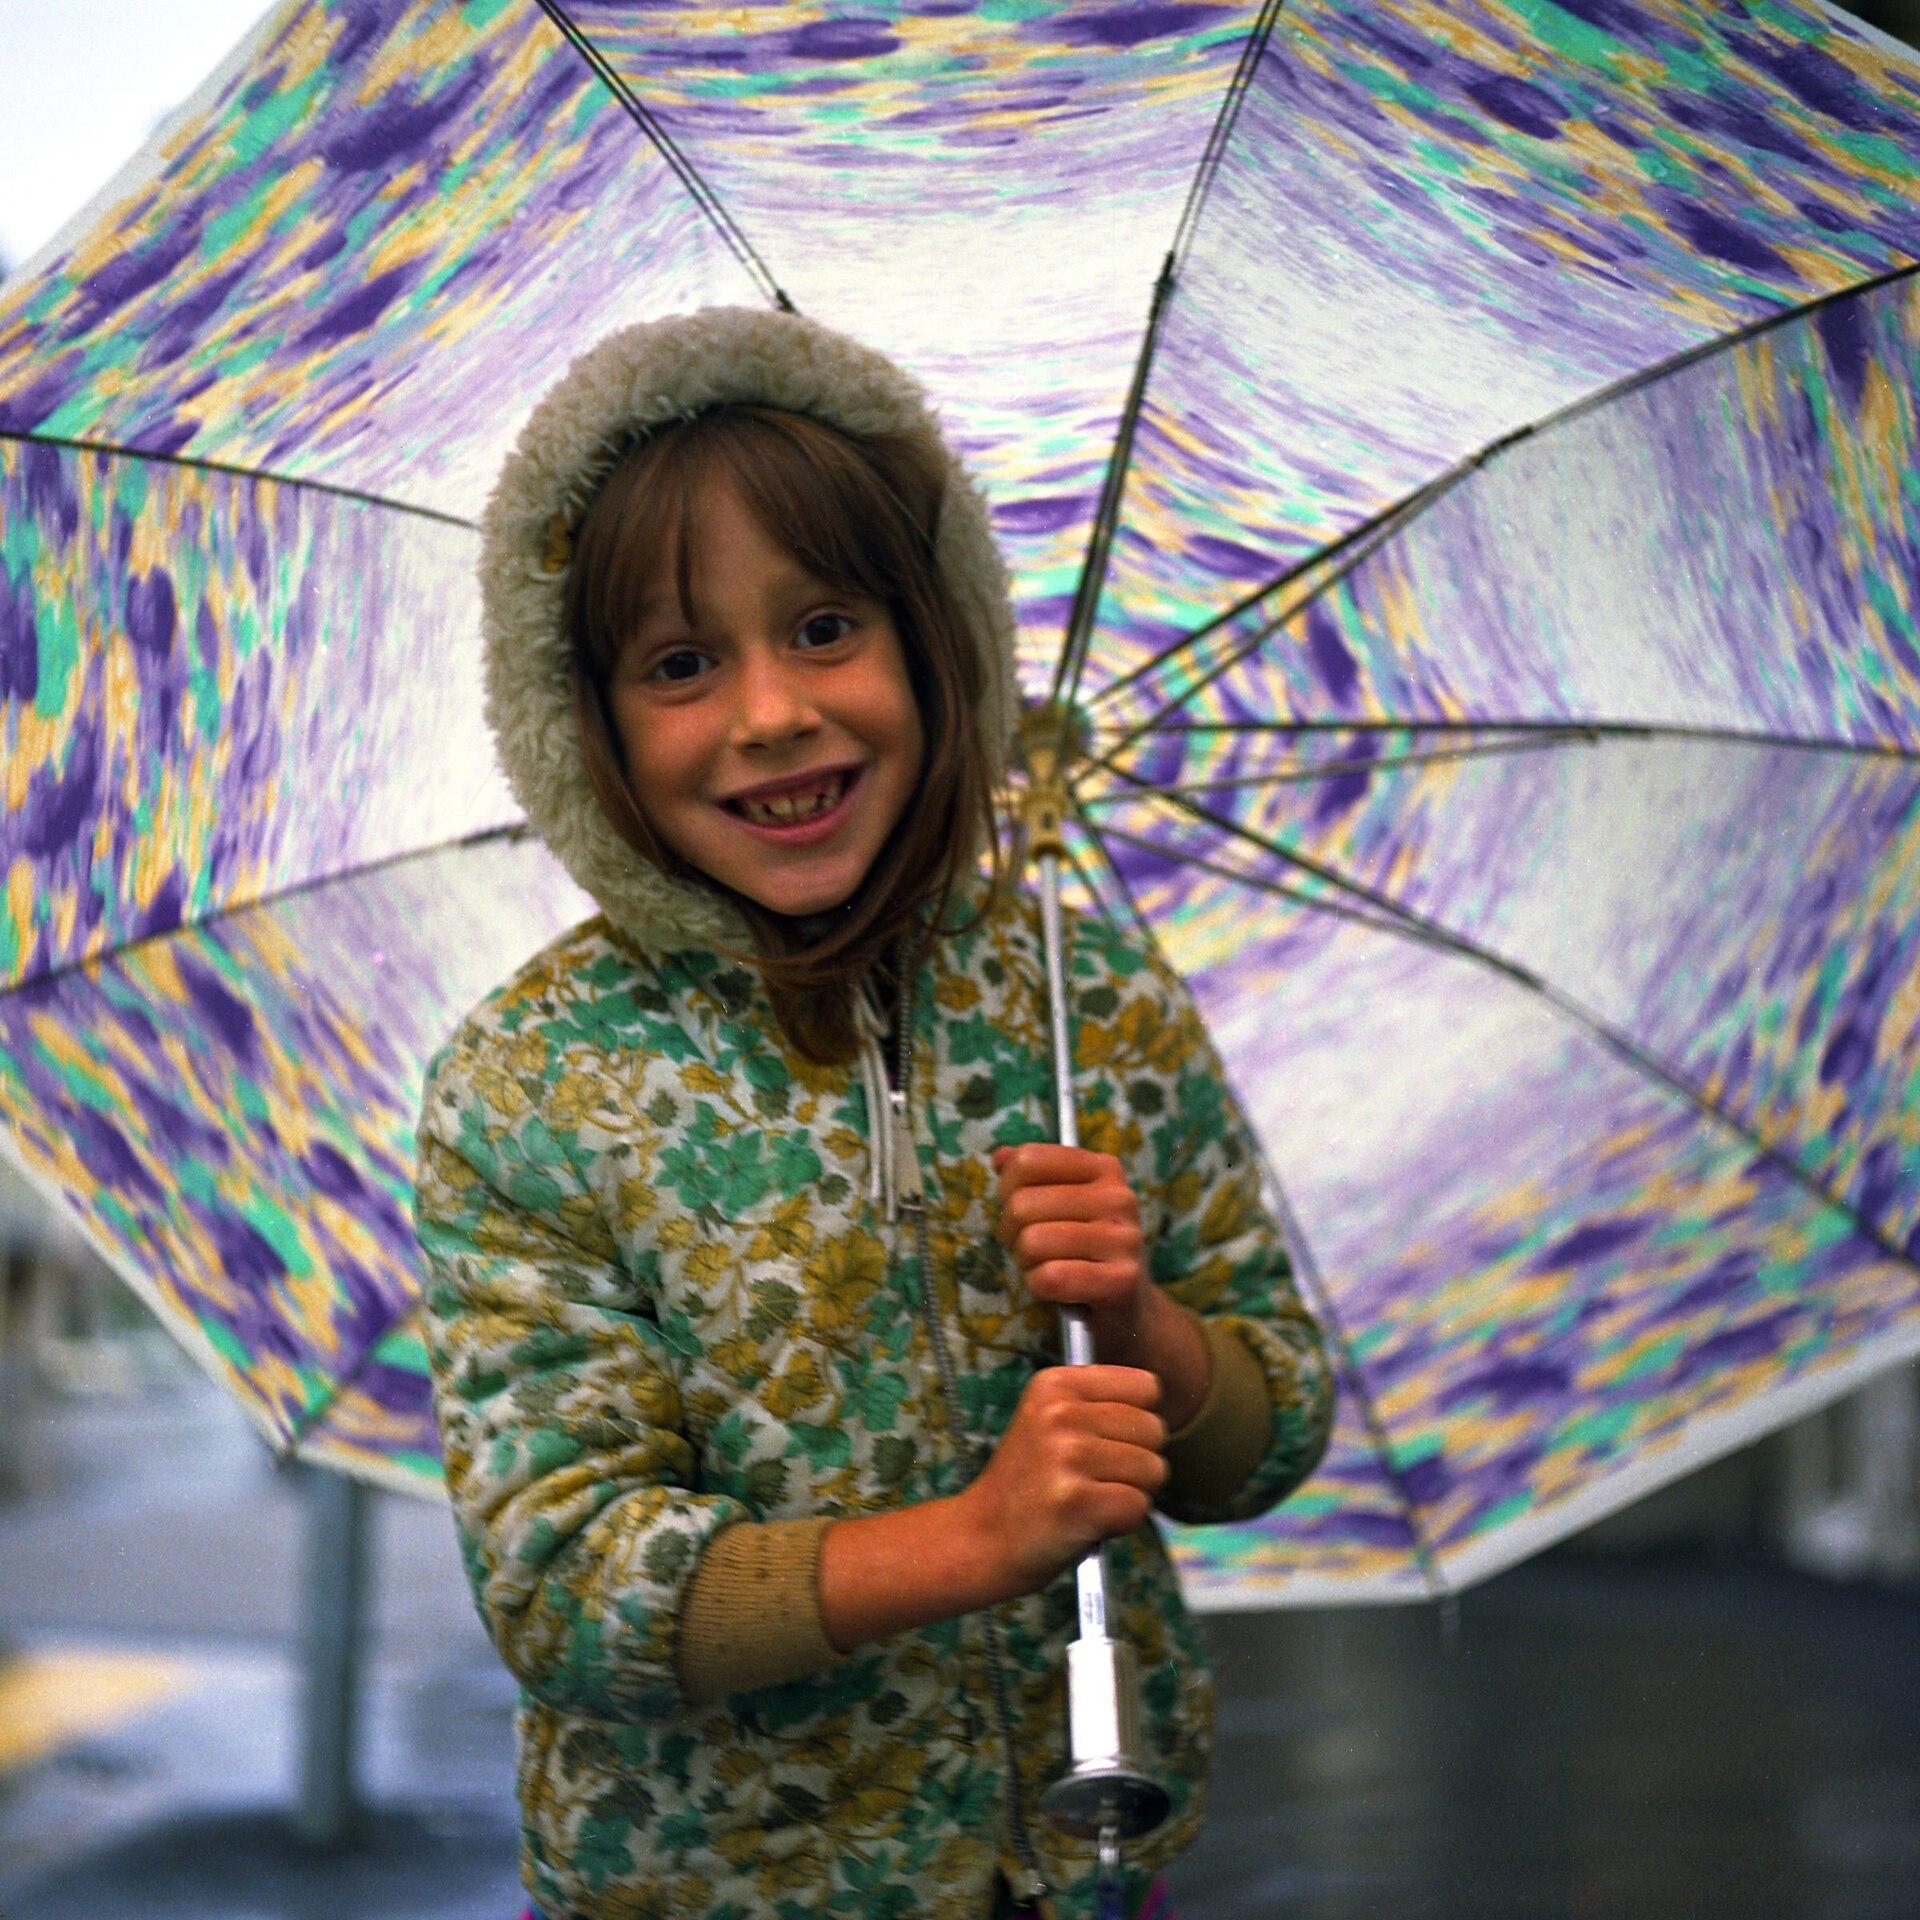 Umbrella - Wikipedia